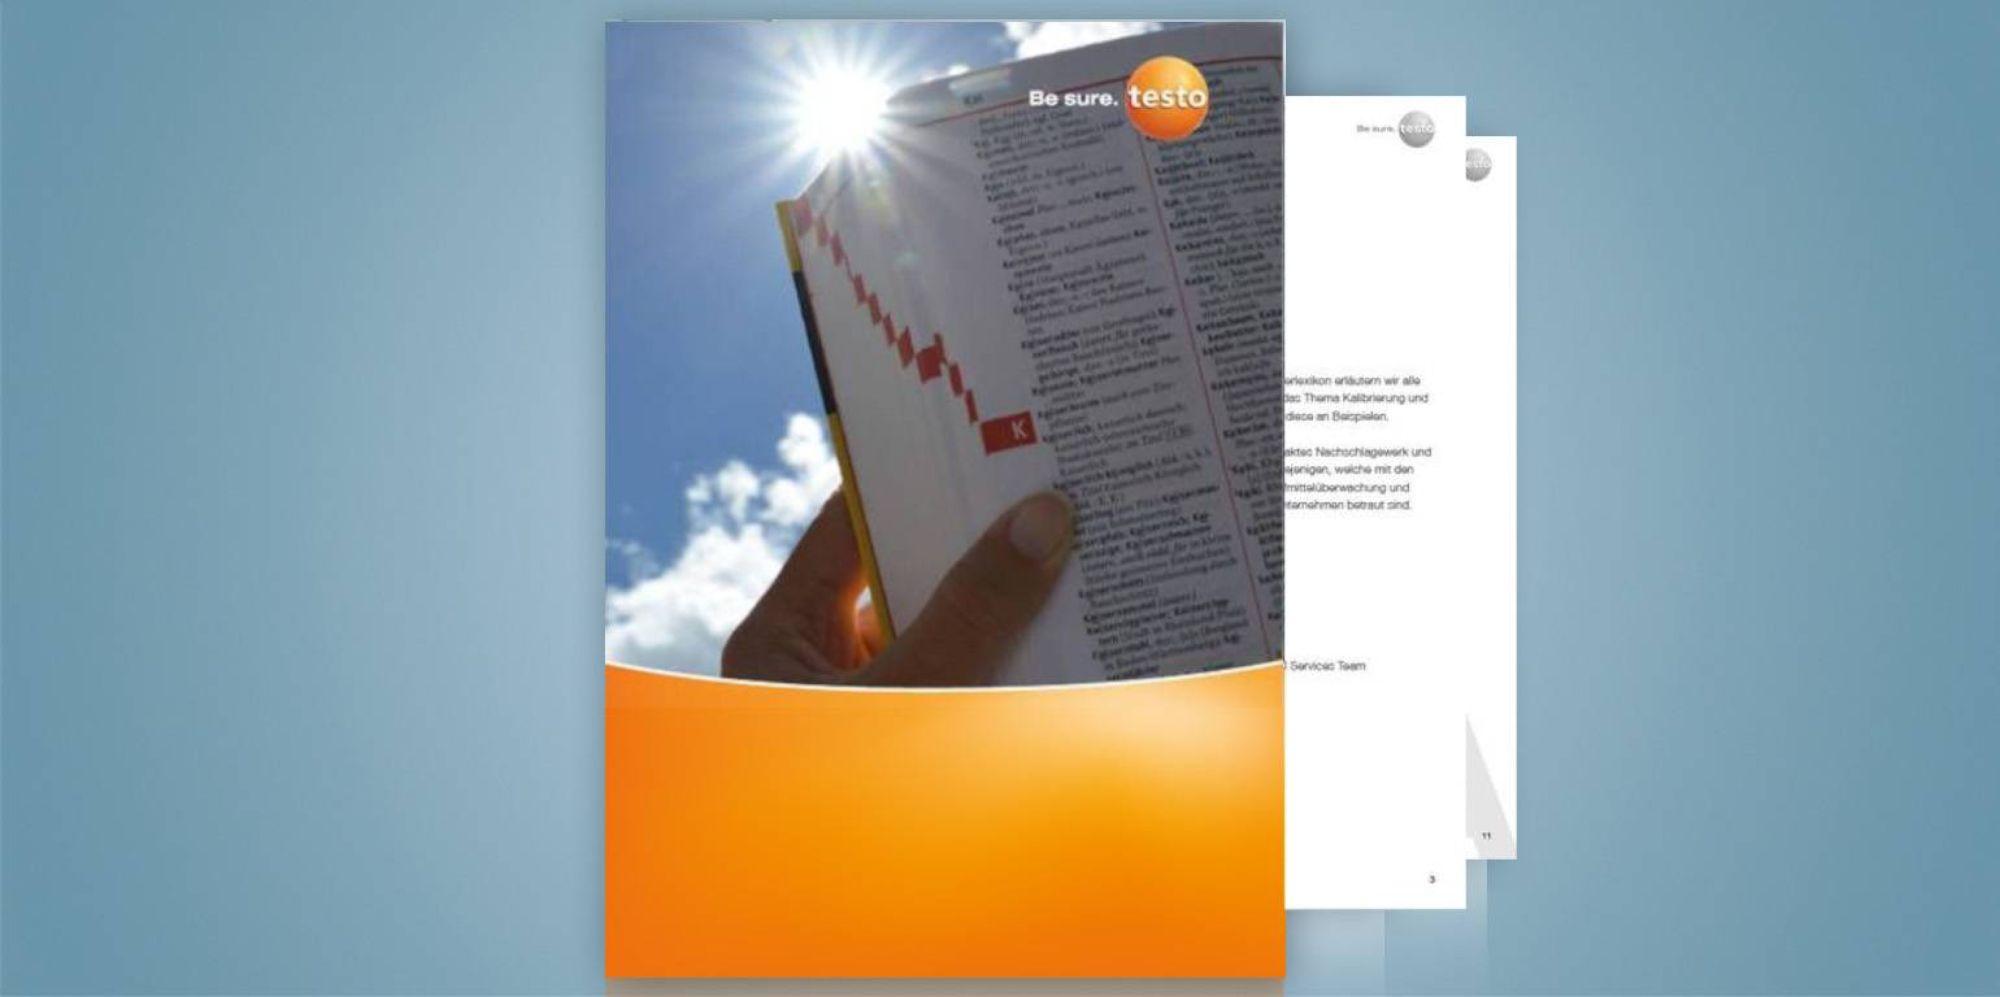 pharma-range-2021-calibration-Teaser-1540x768.jpg